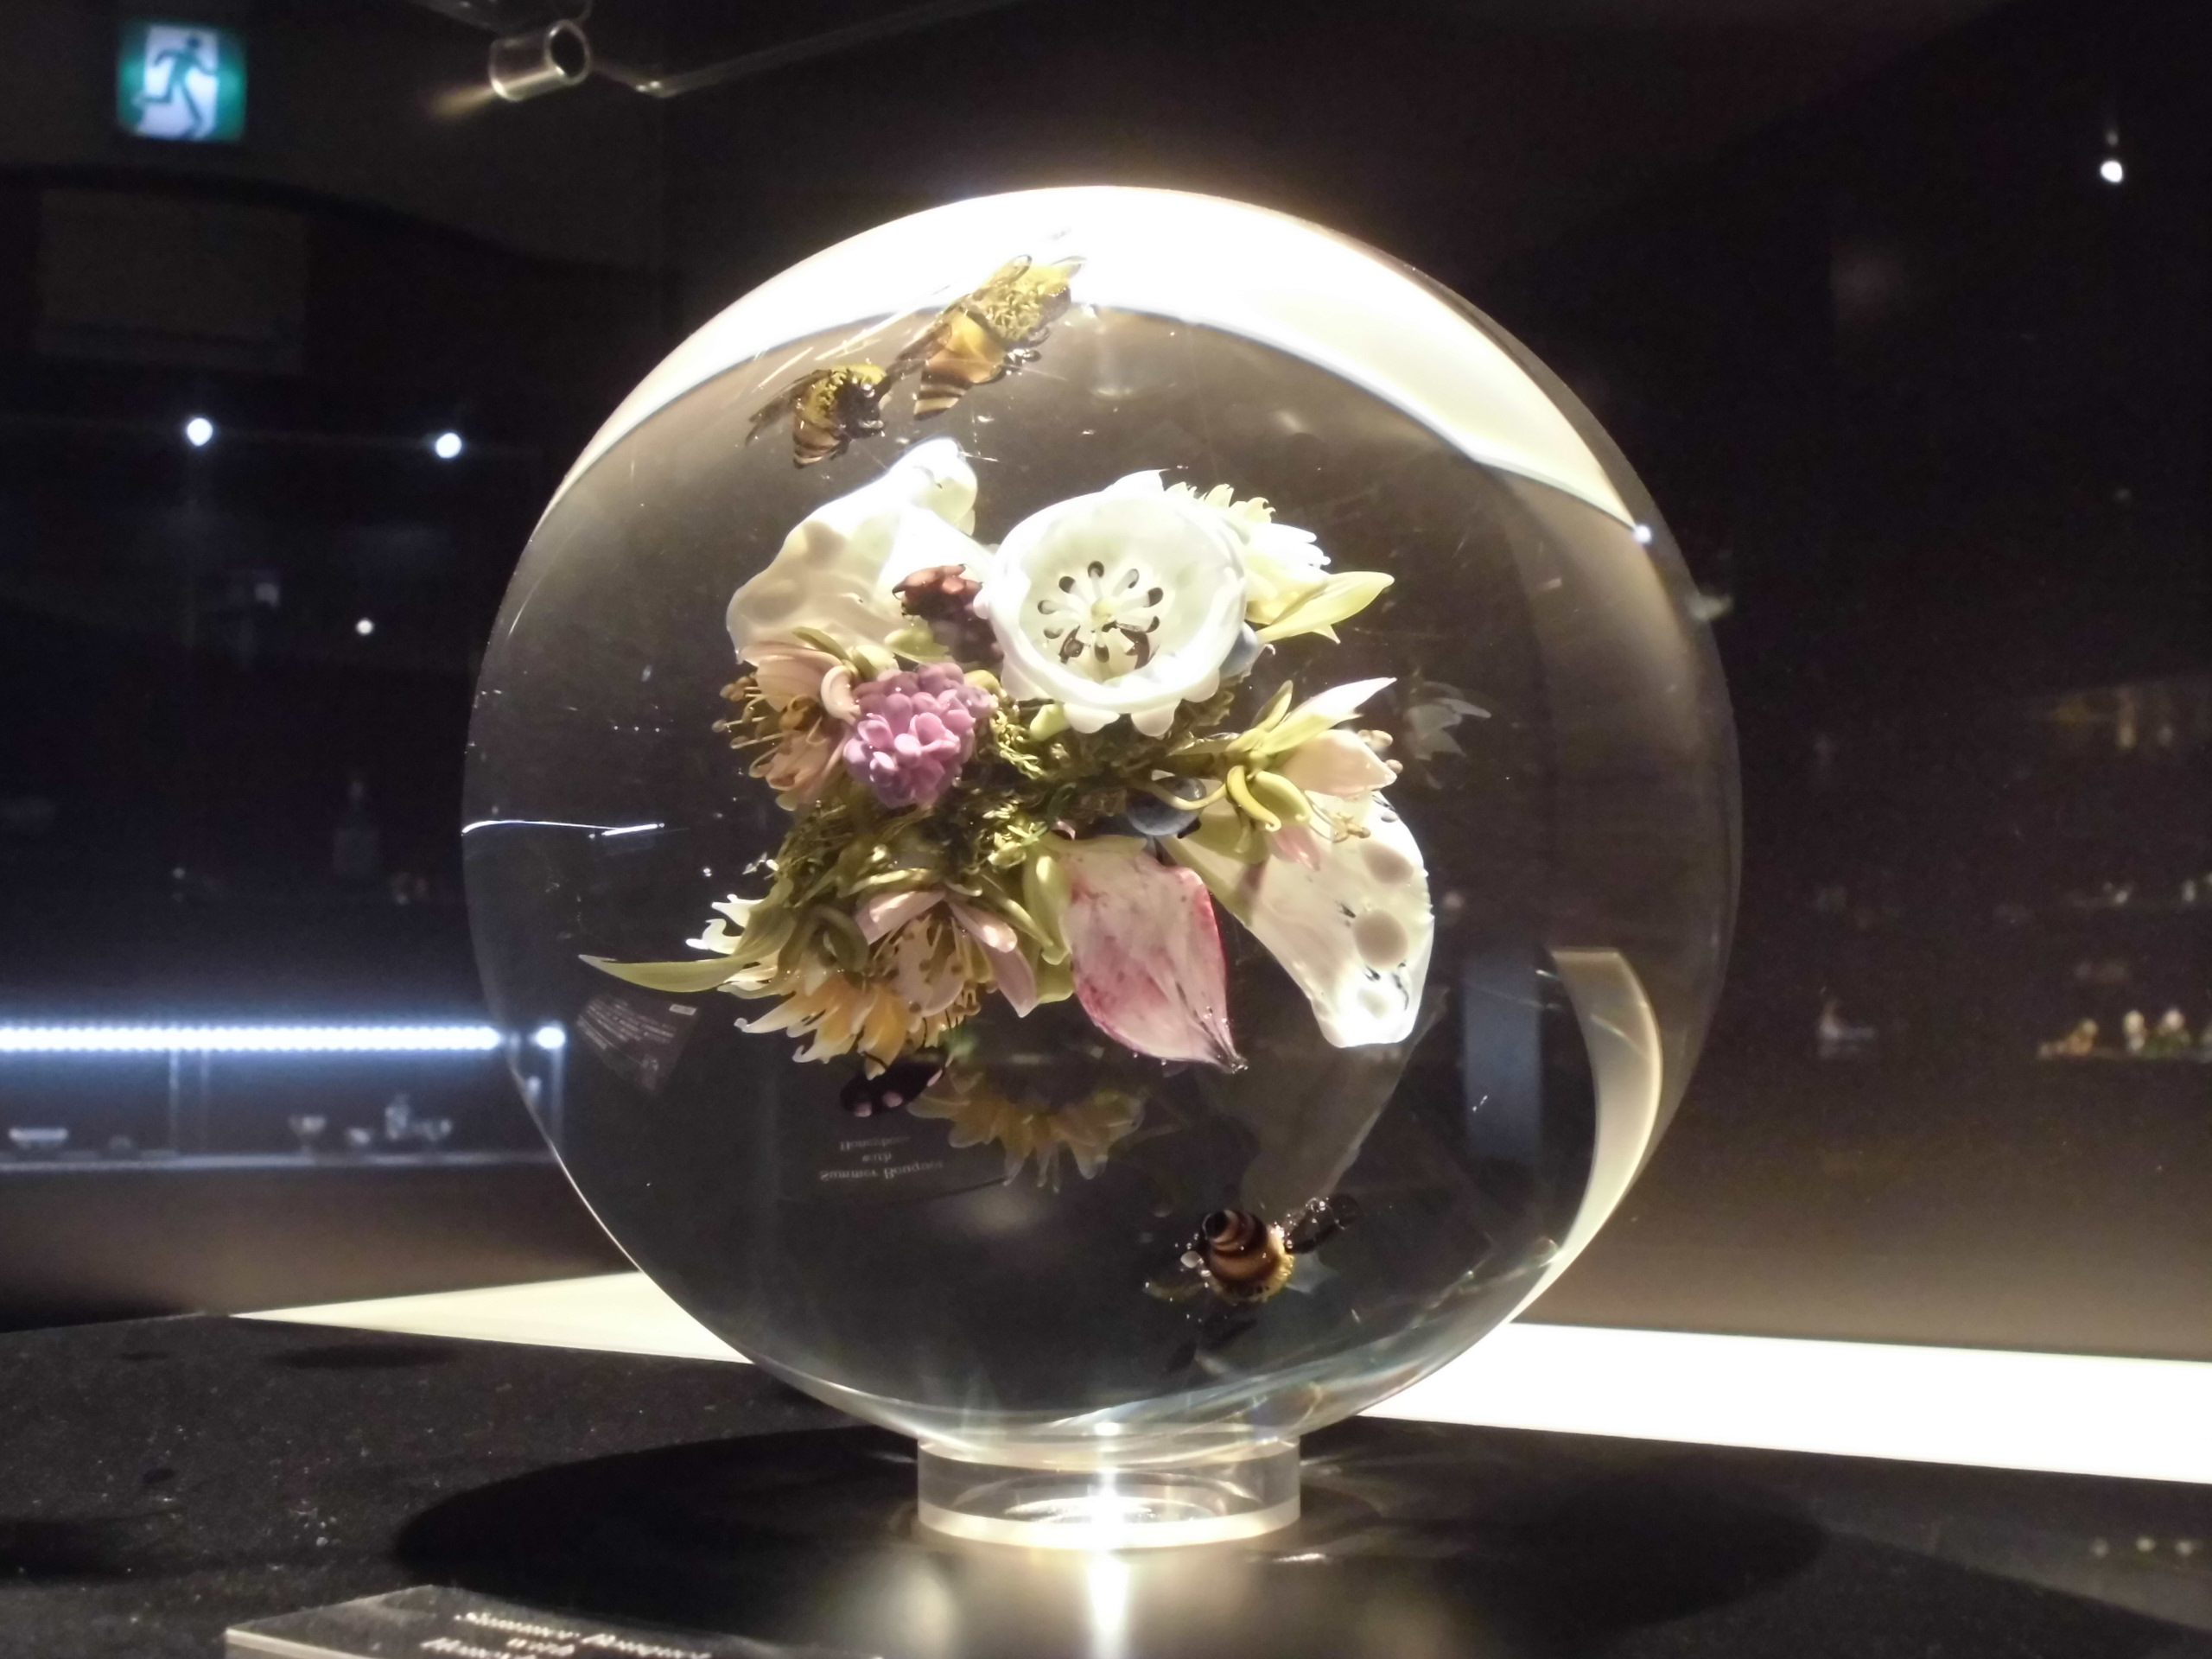 【KOBEとんぼ玉ミュージアムに行ってきました。by-VEGETAPSY】